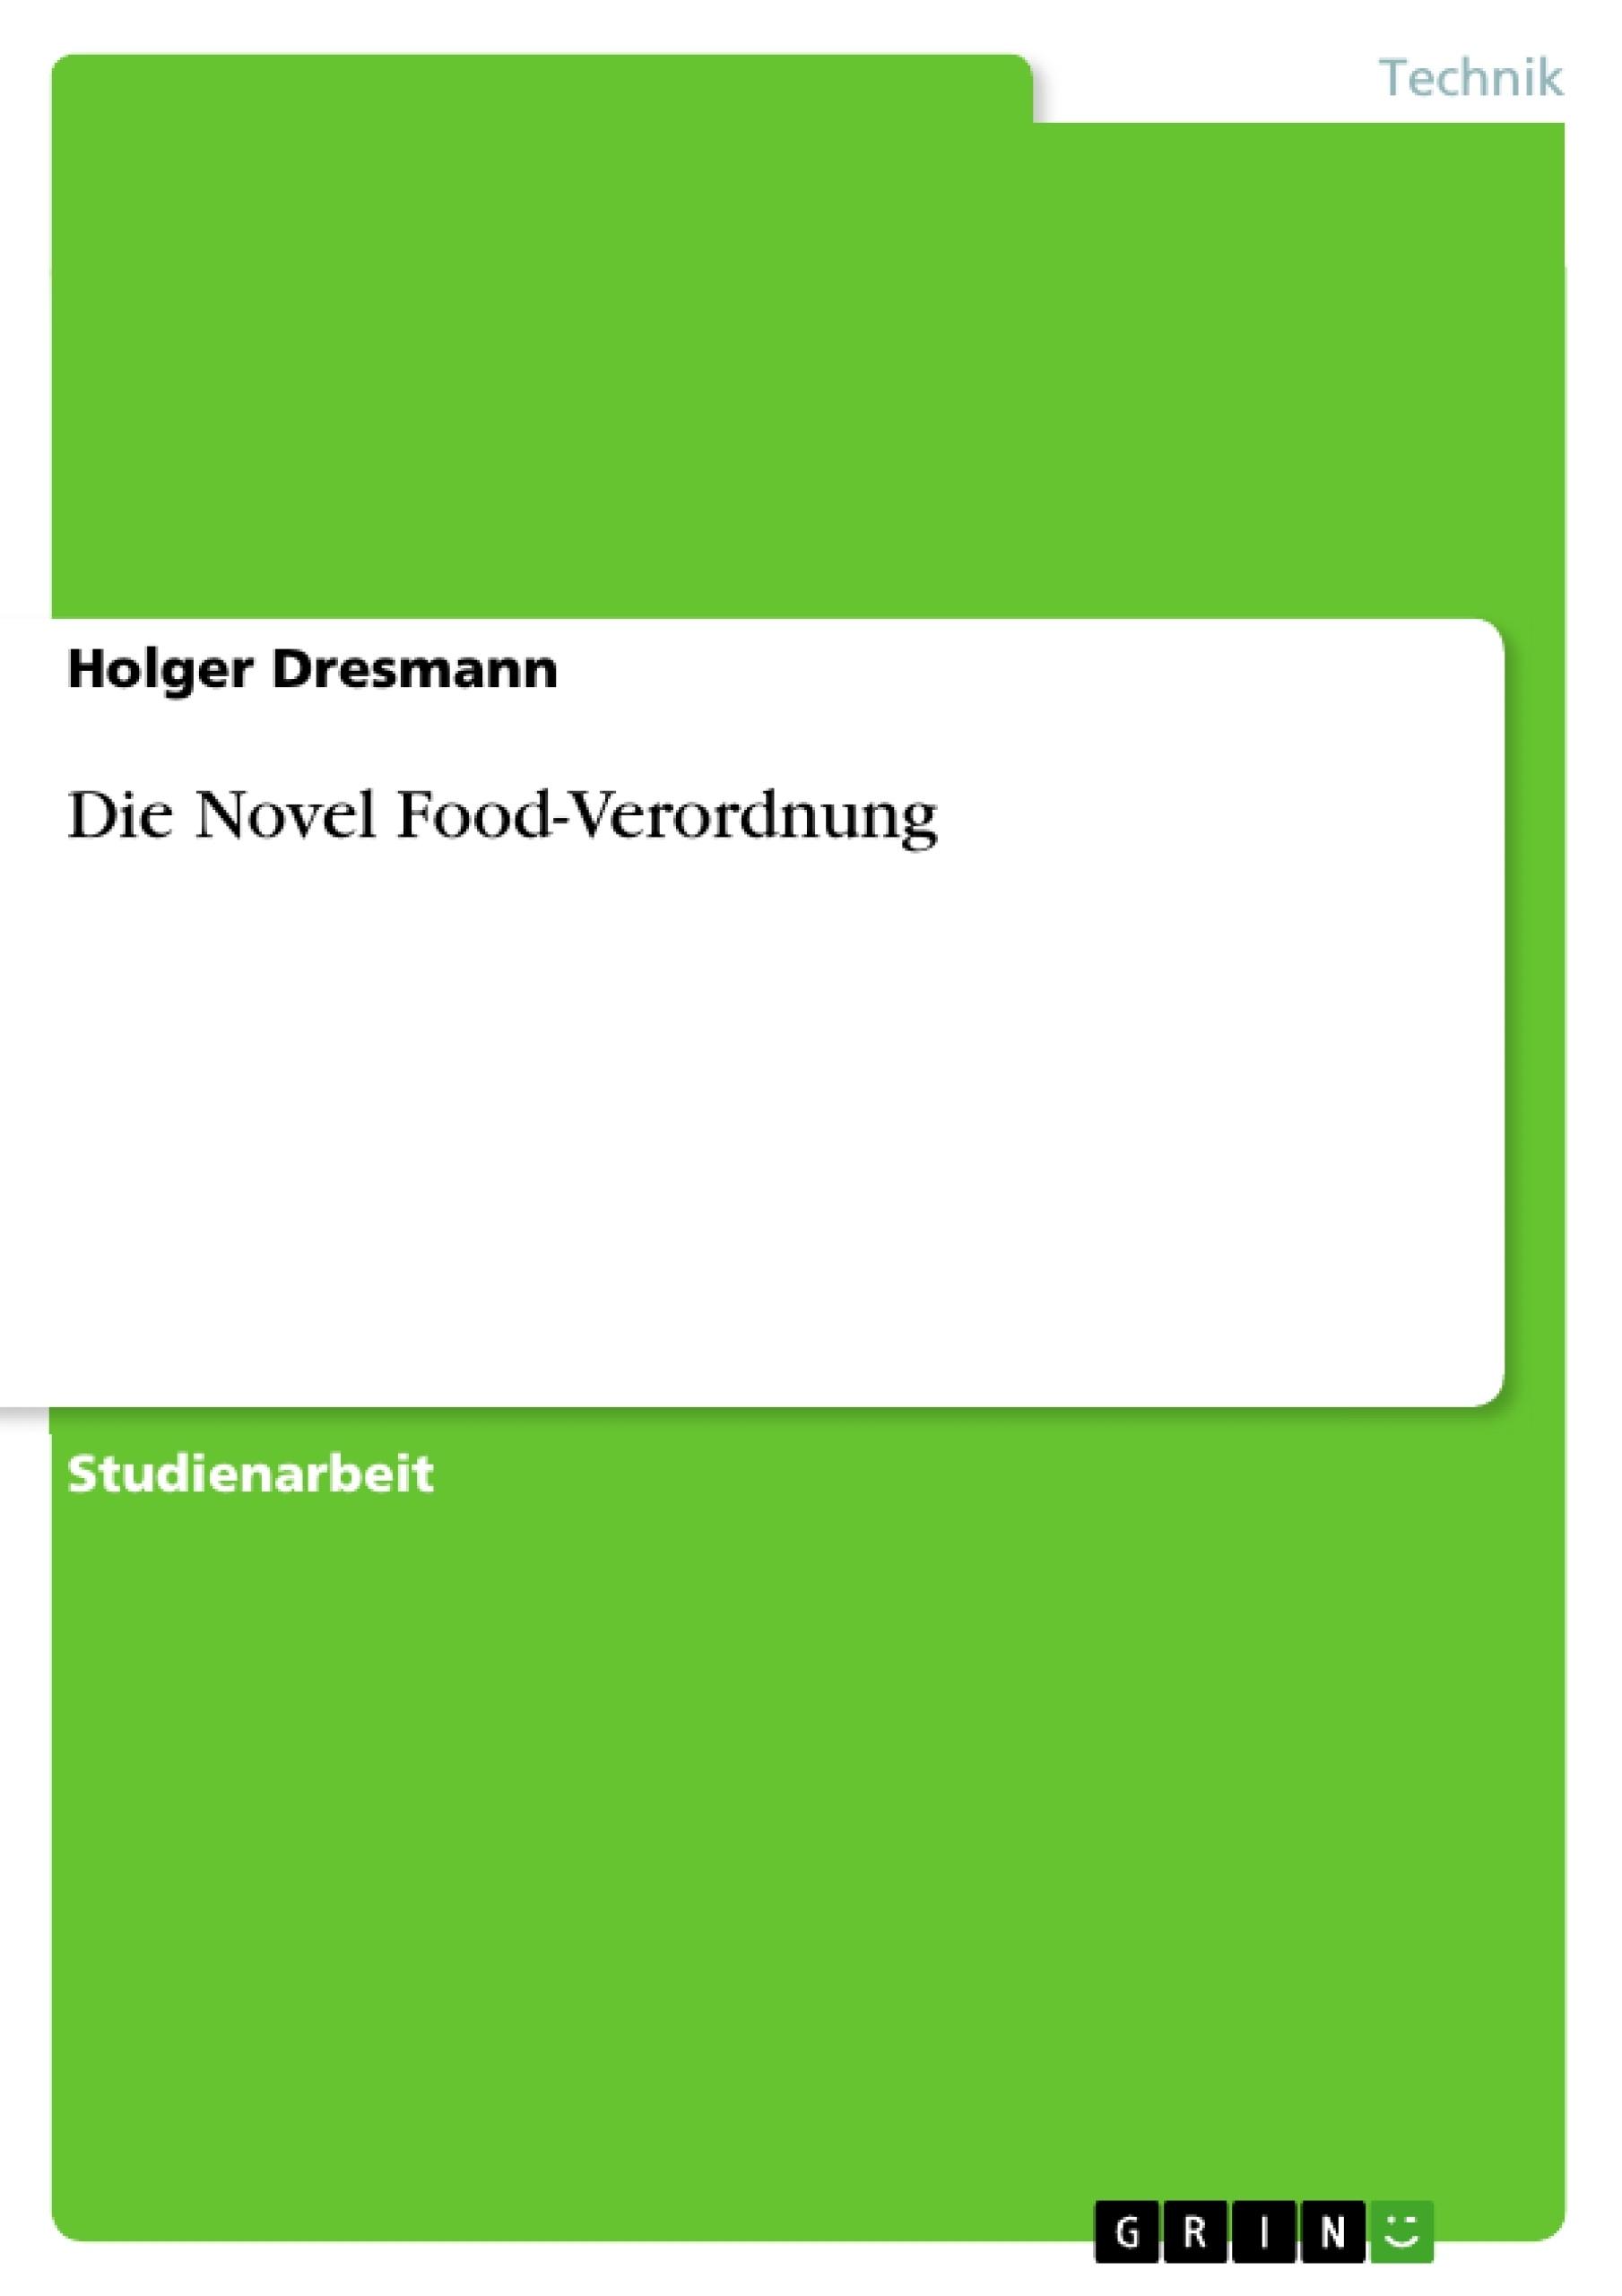 Titel: Die Novel Food-Verordnung